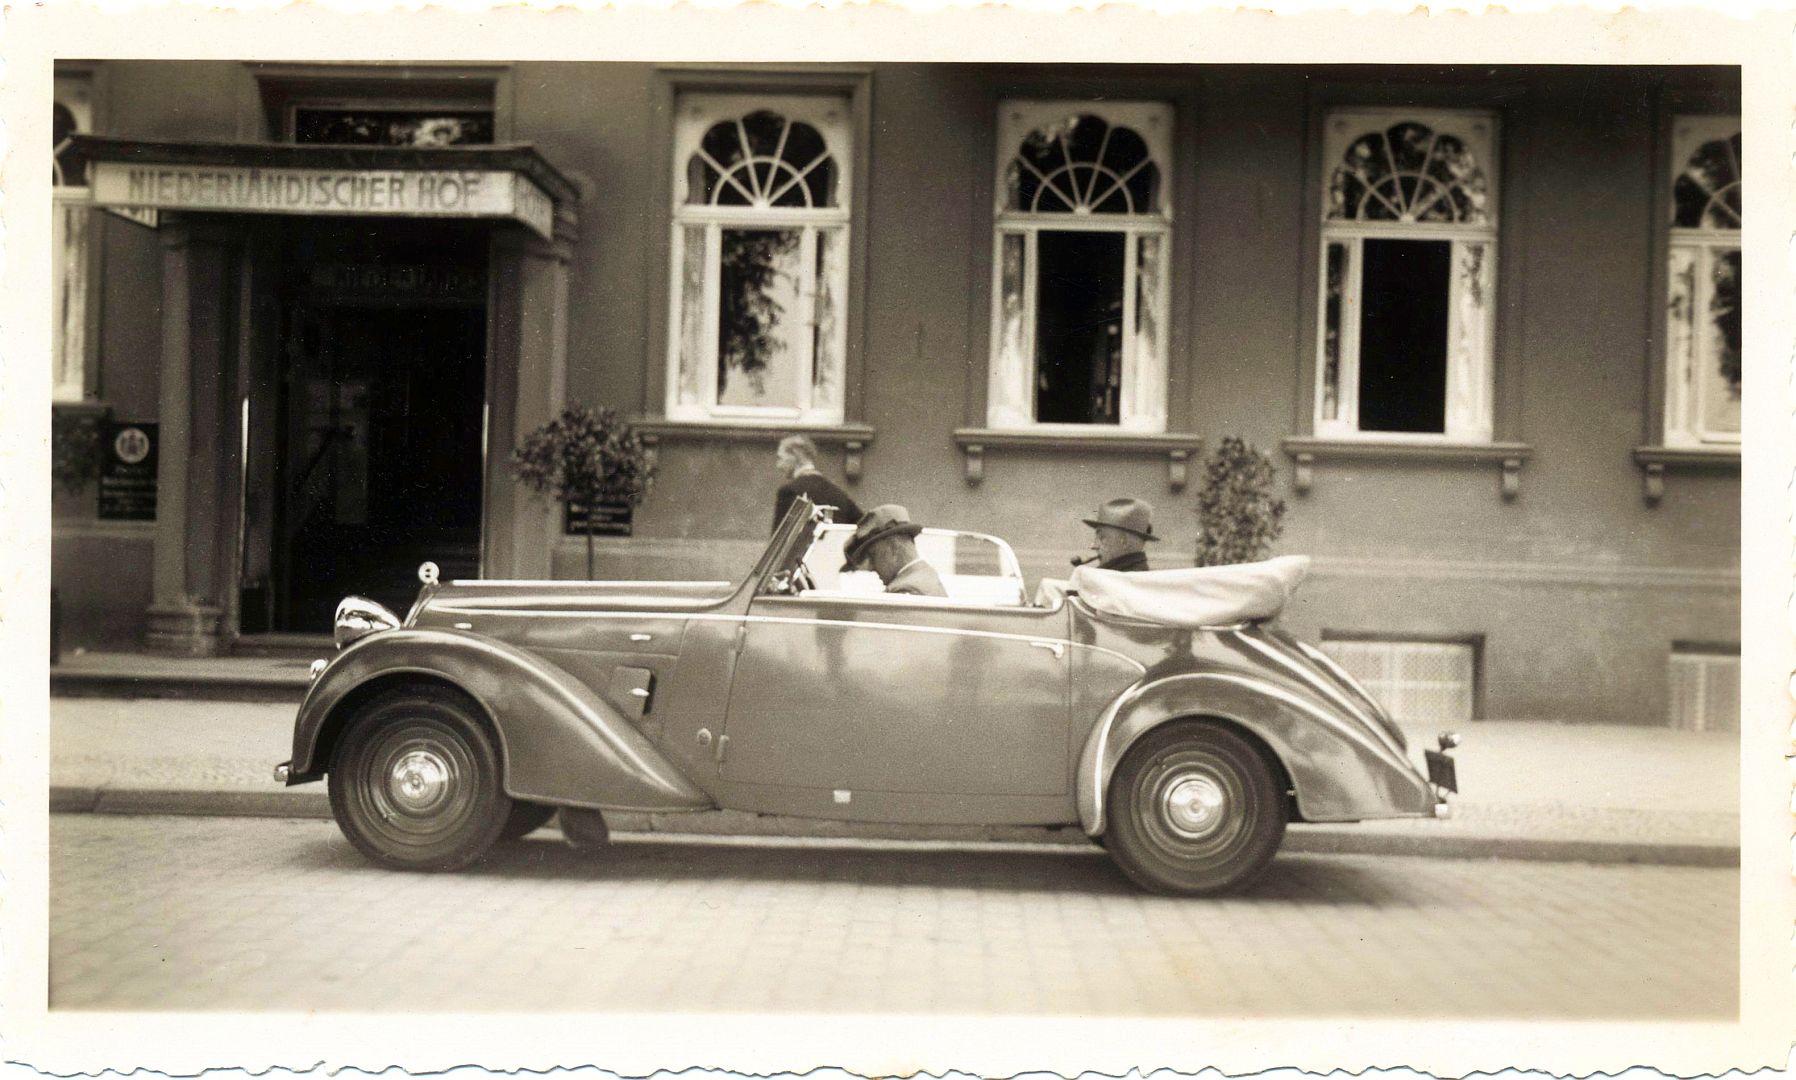 steyr_200_cabriolet_1936-40_schwerin_galerie